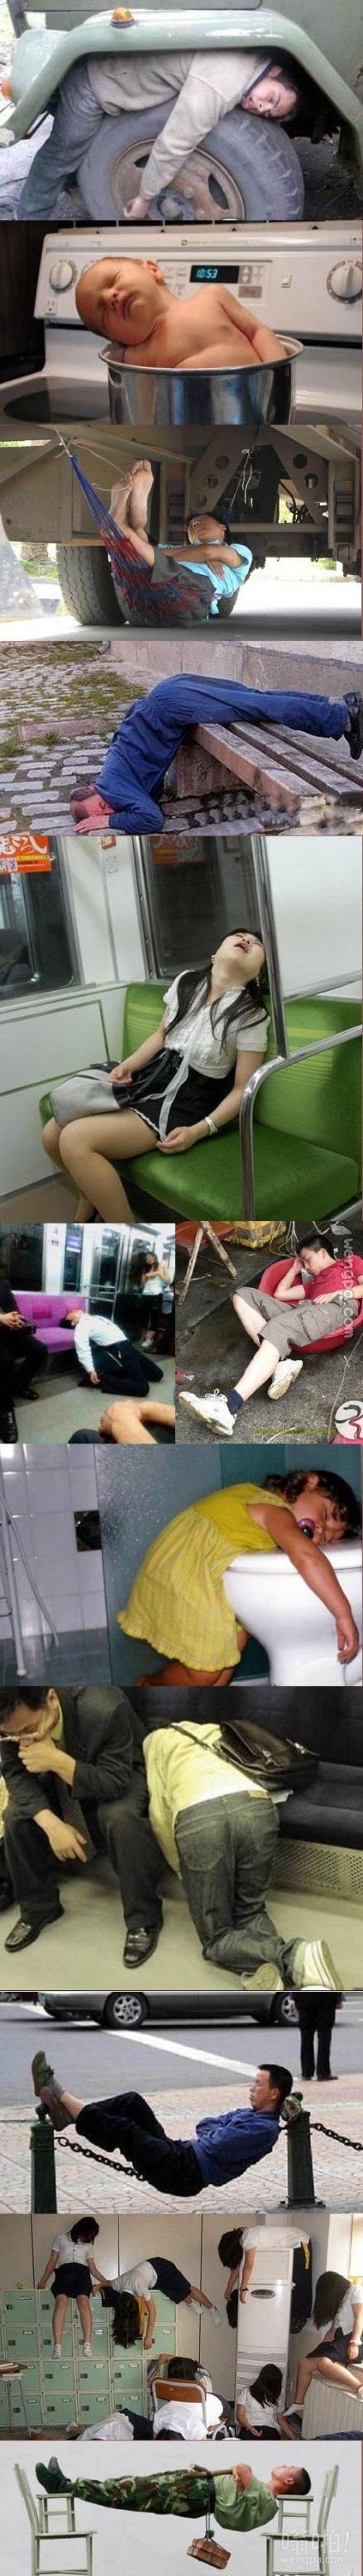 史上最拽的睡姿大全,总有一款适合你。。。。。